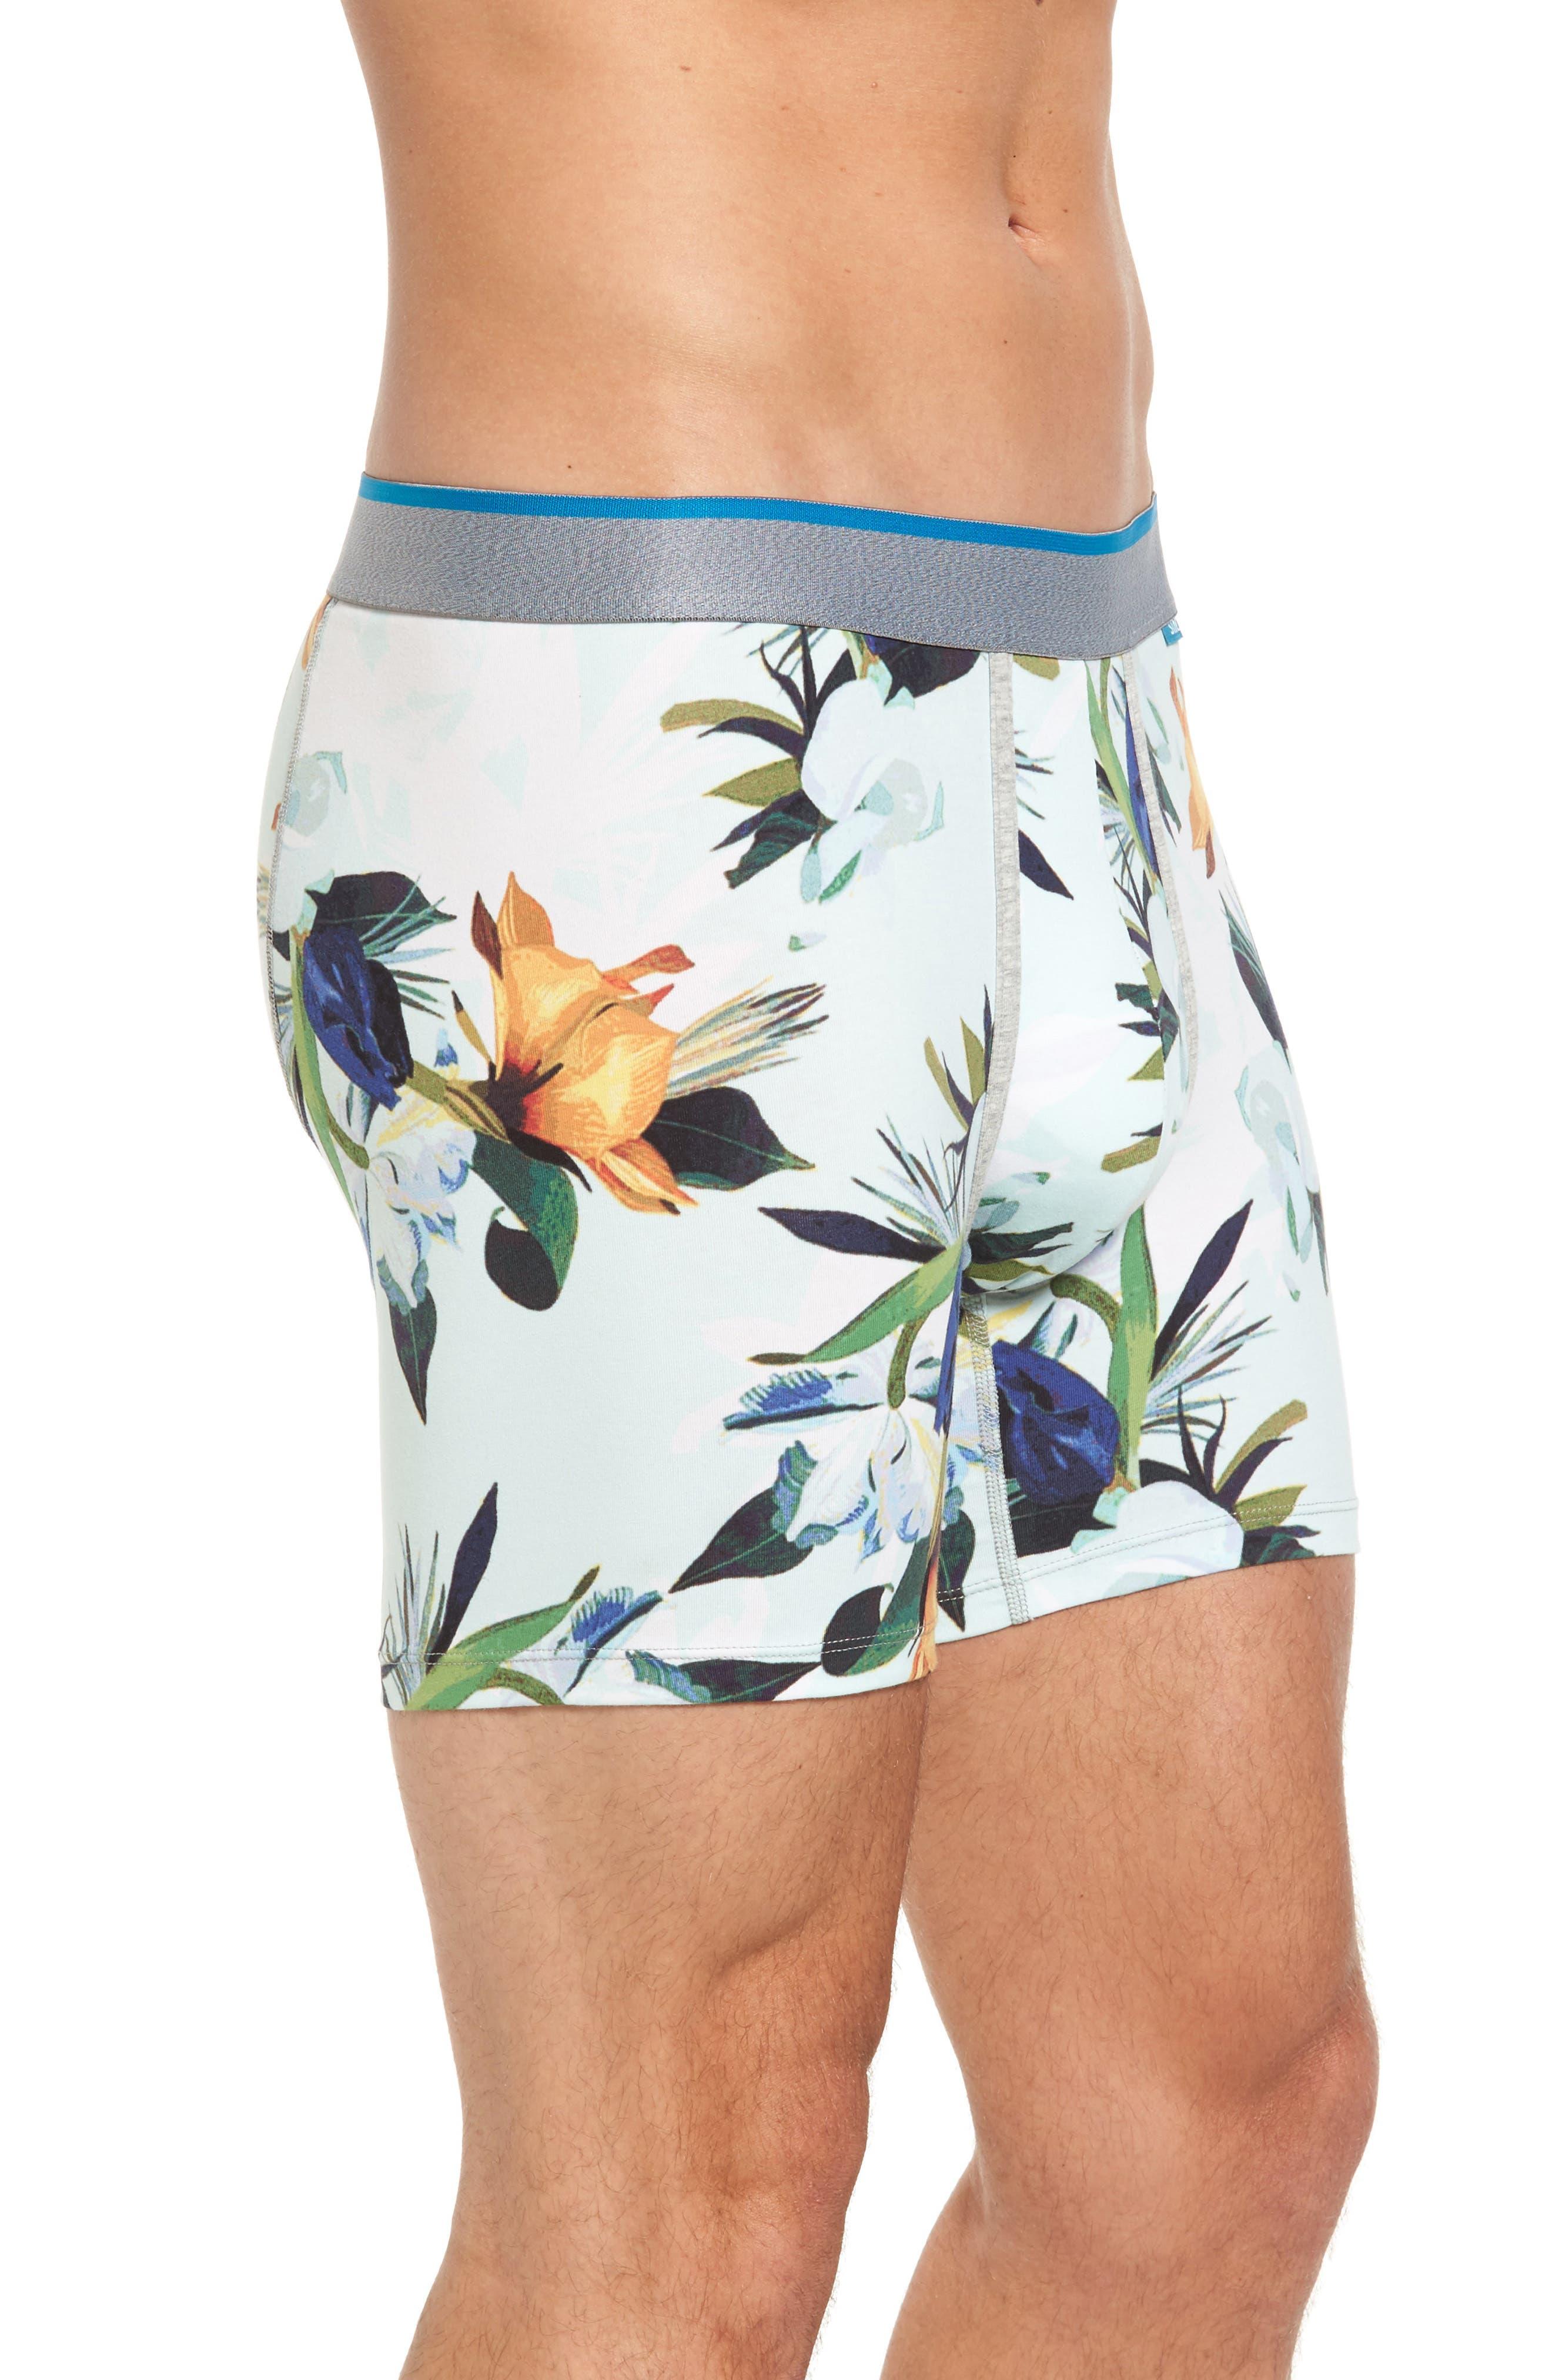 Aqua Floral Boxer Briefs,                             Alternate thumbnail 3, color,                             420